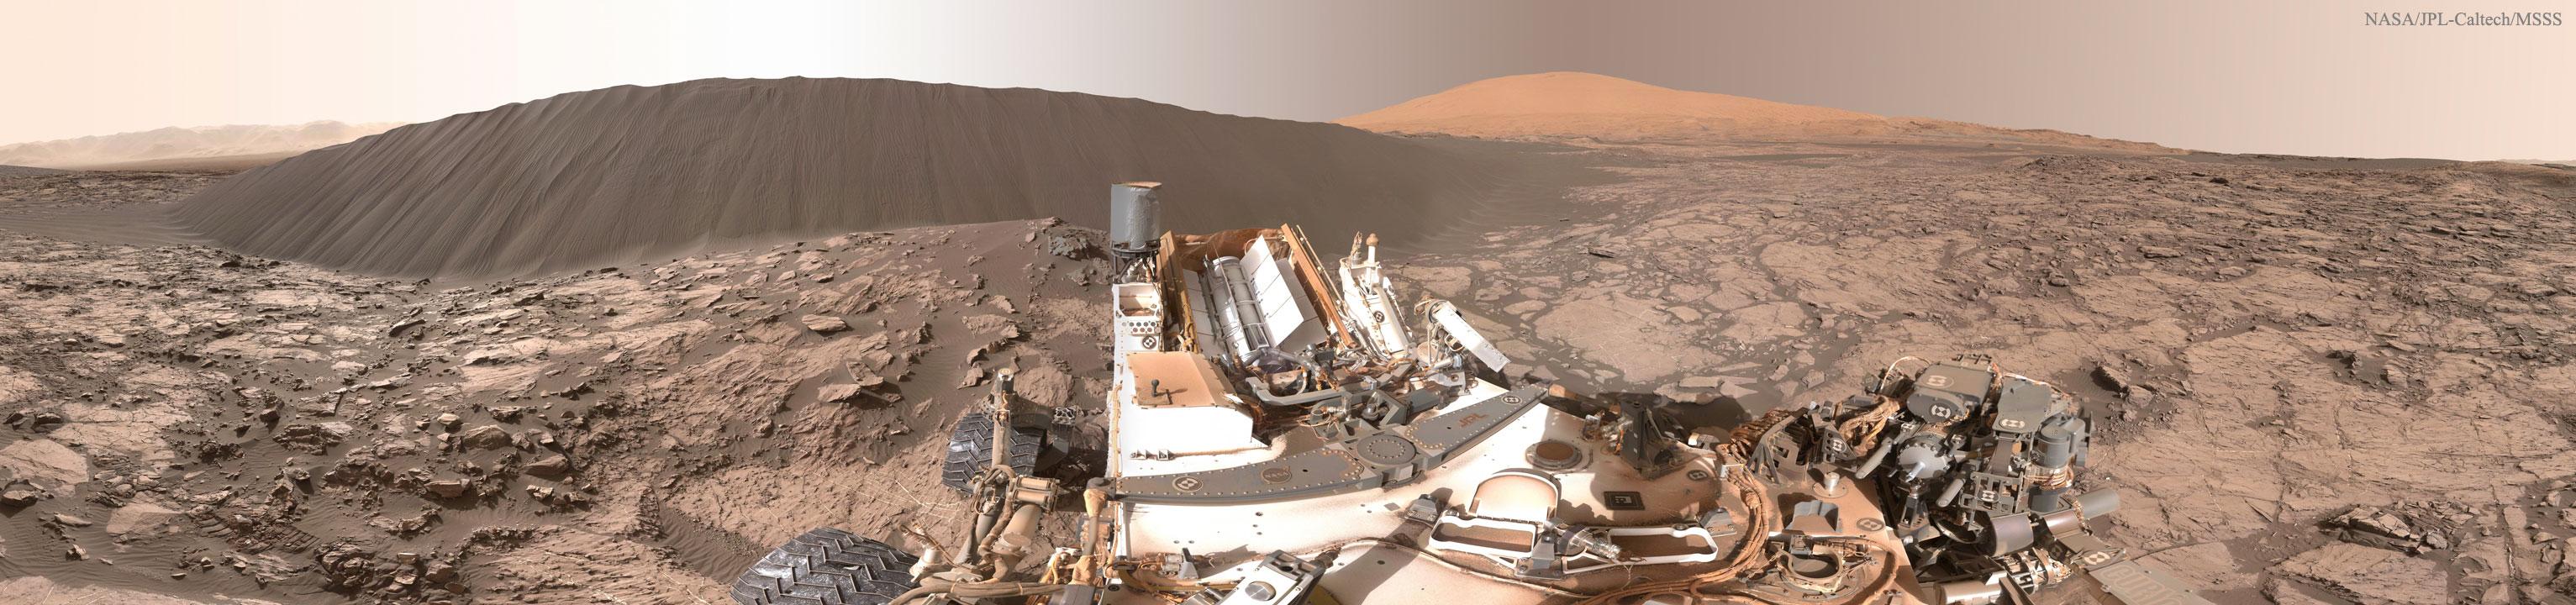 APOD 2016 March 29 NASA s Curiosity Rover at Namib Dune 360 View